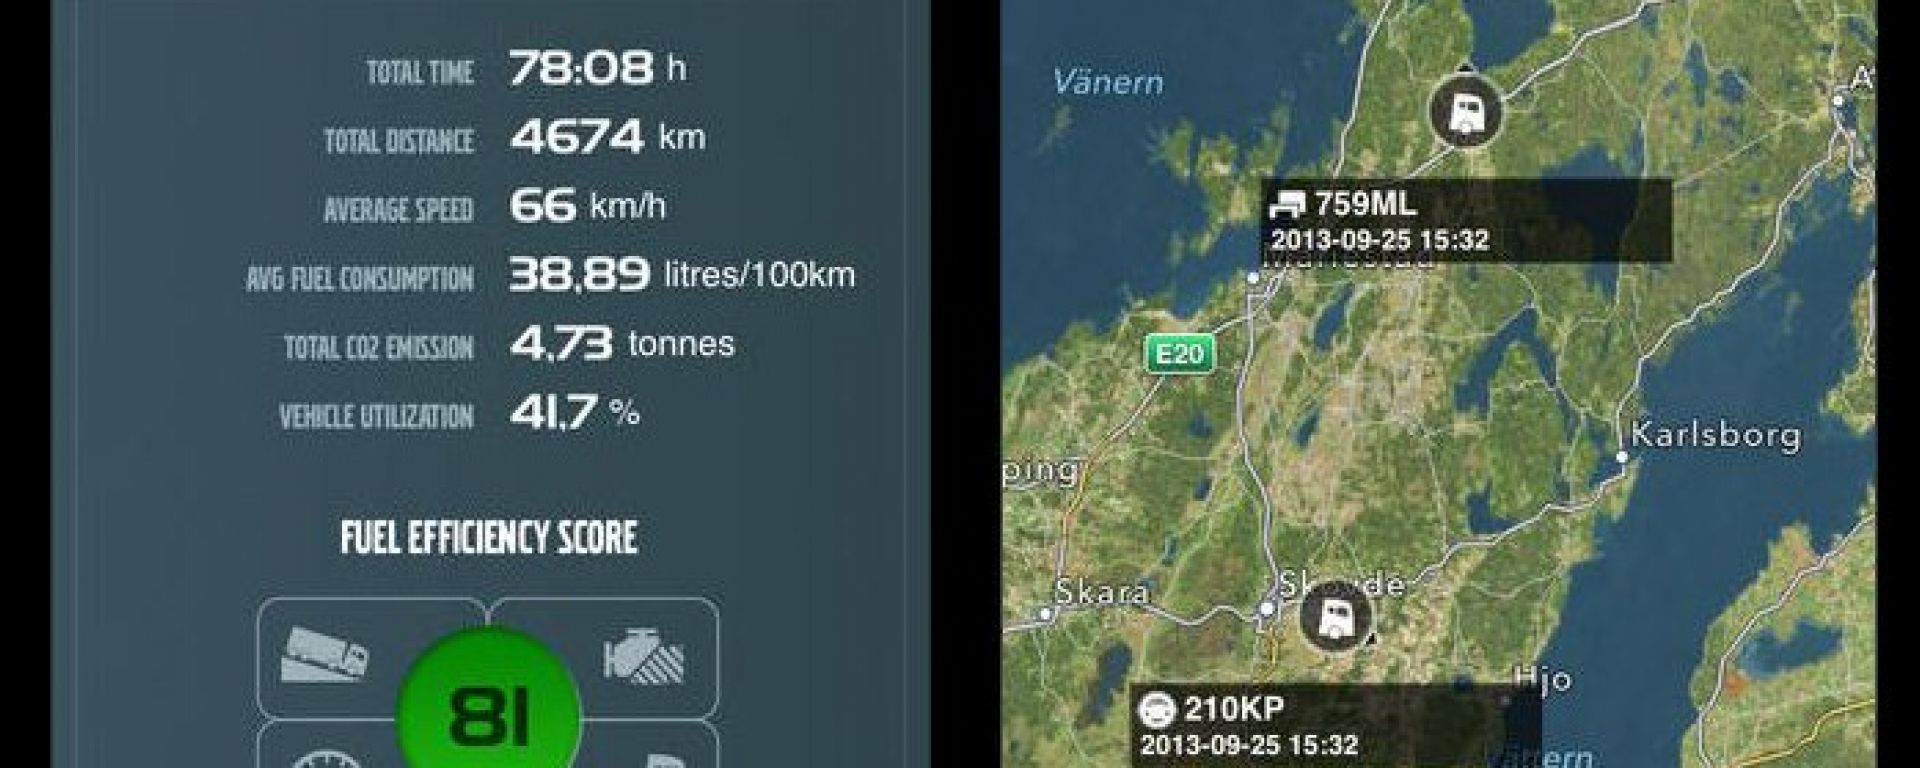 Dynafleet App di Volvo Trucks